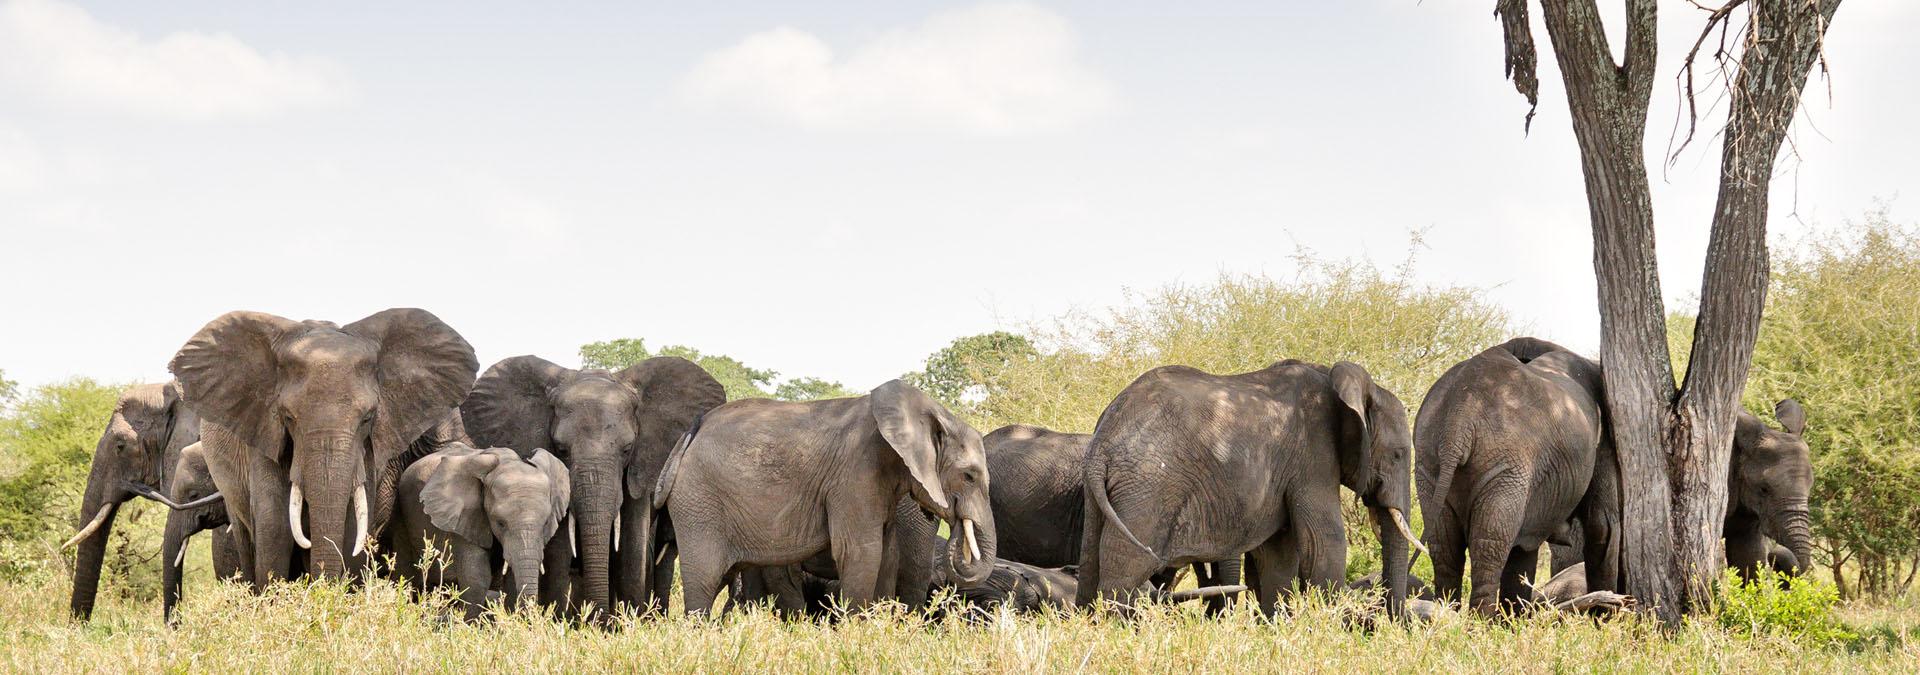 Elephants savannah